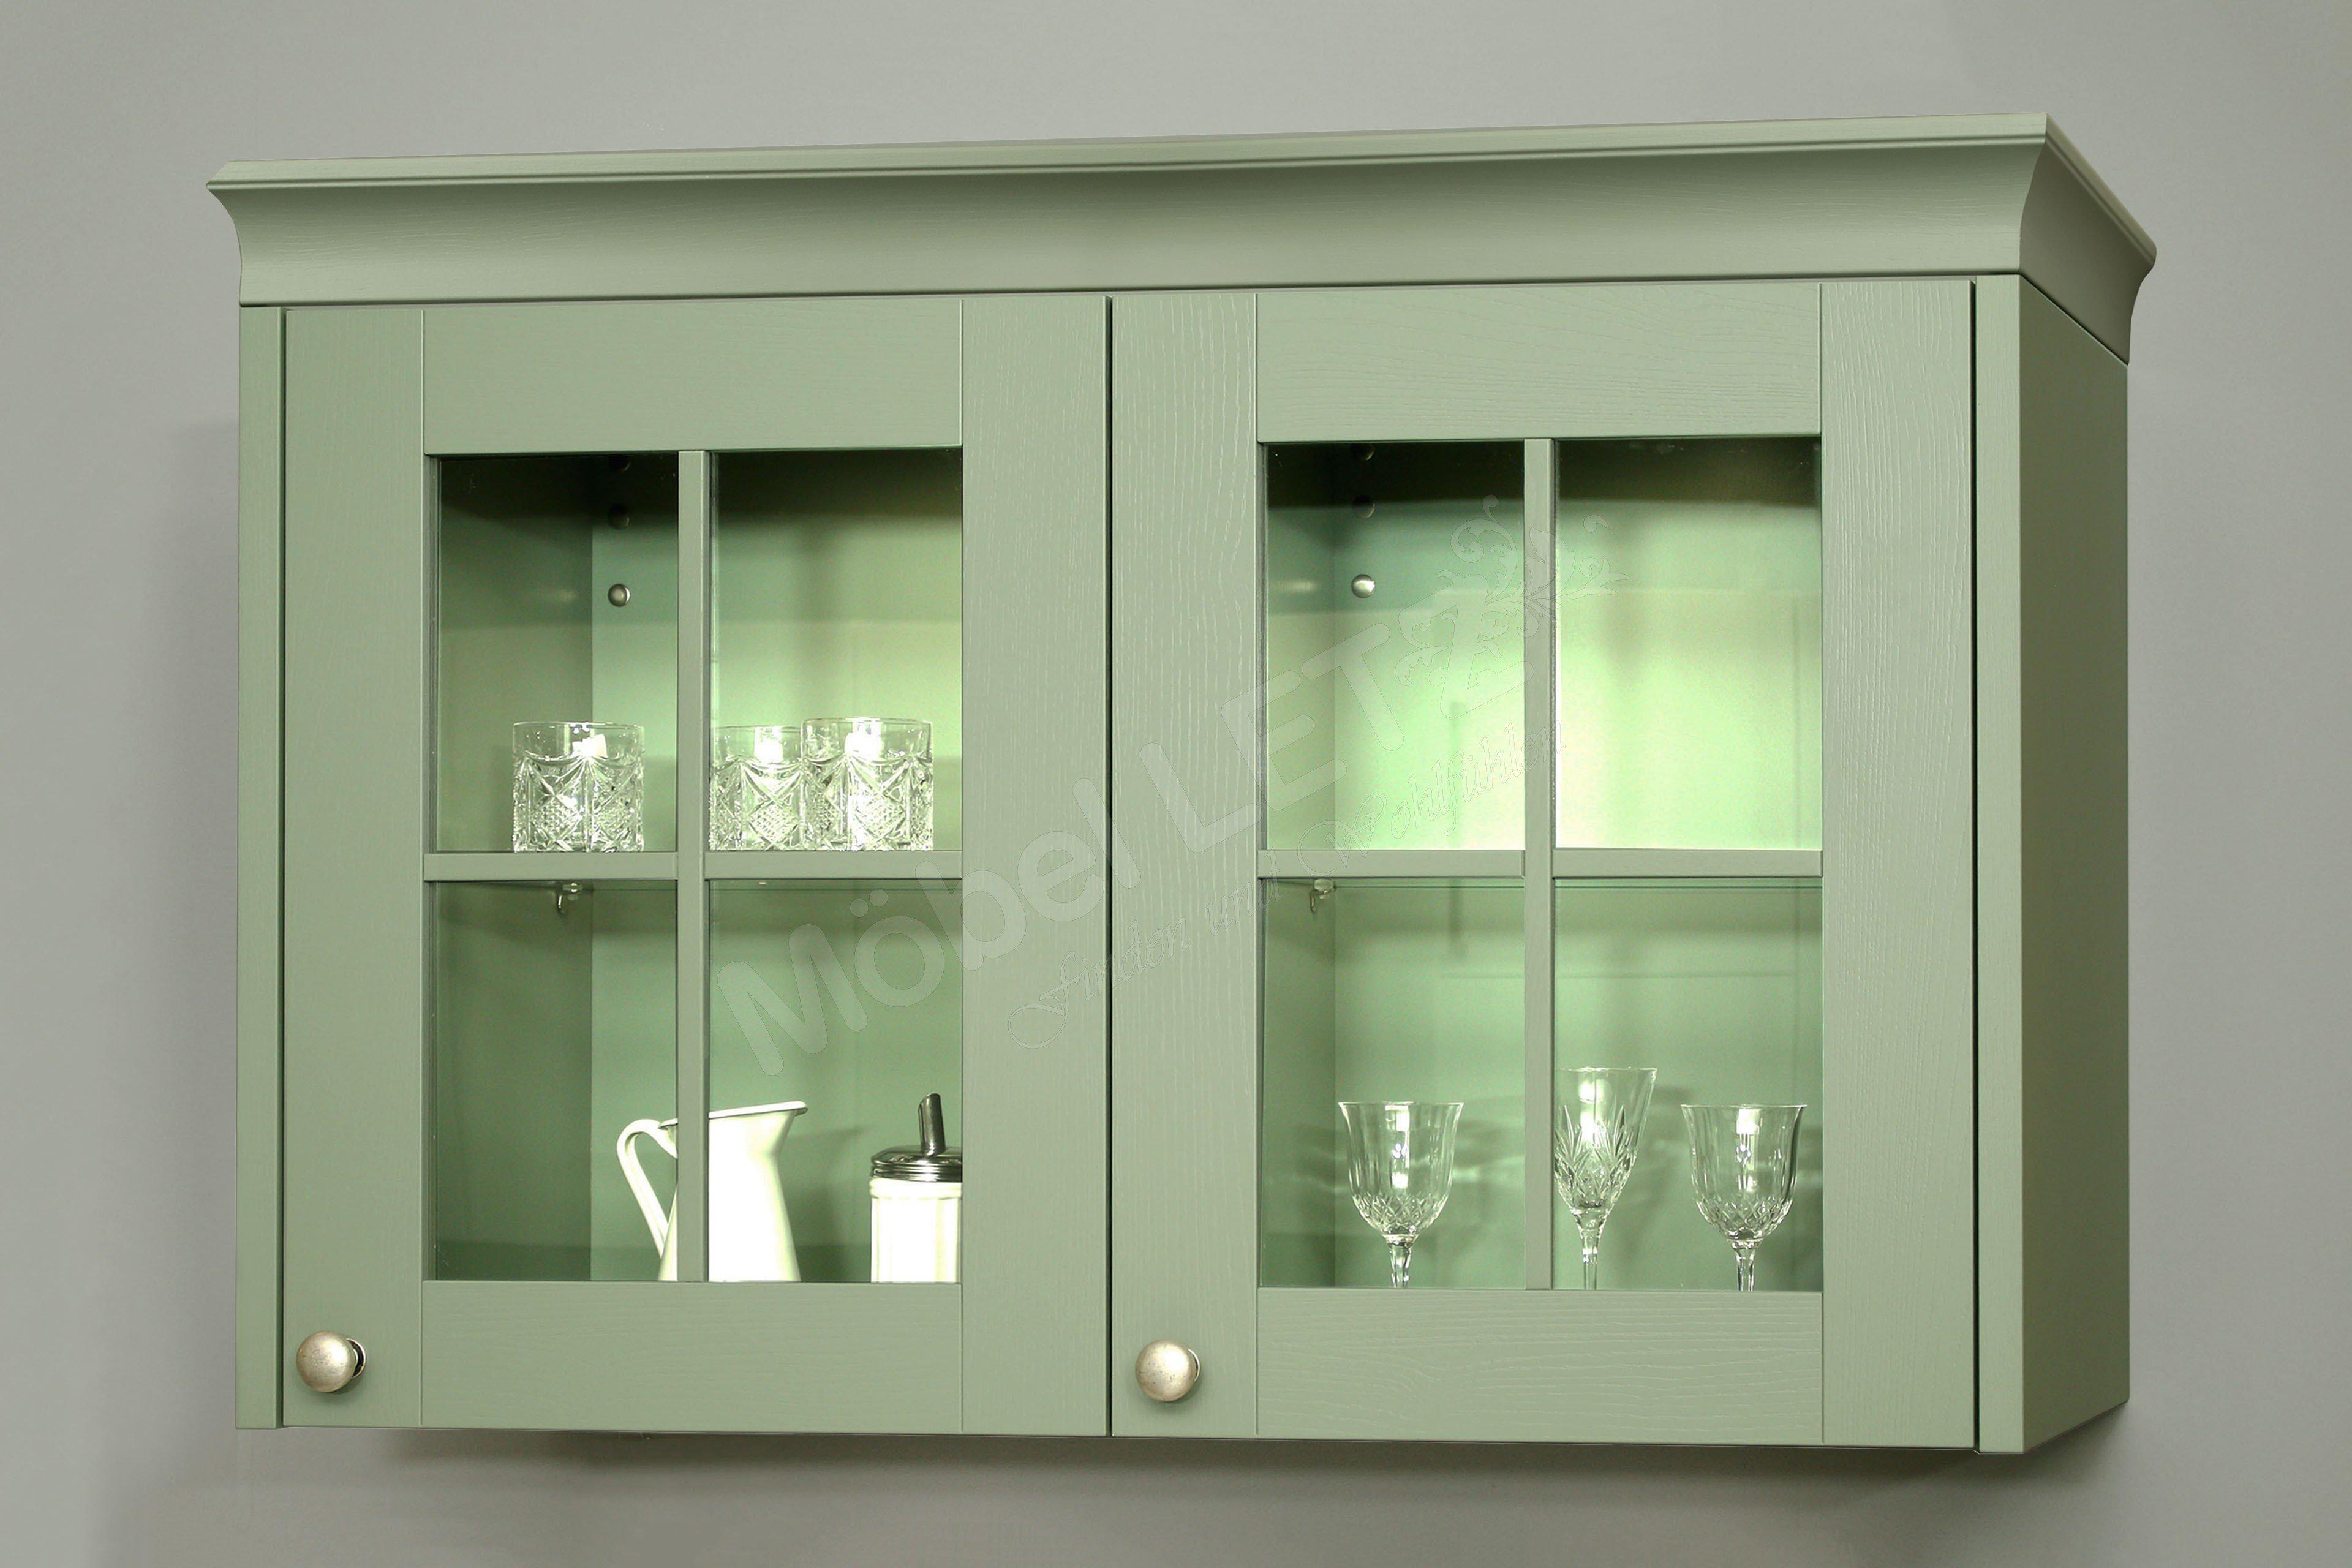 sch ller k chen casa winkelk che in salbeigr n m bel letz ihr online shop. Black Bedroom Furniture Sets. Home Design Ideas